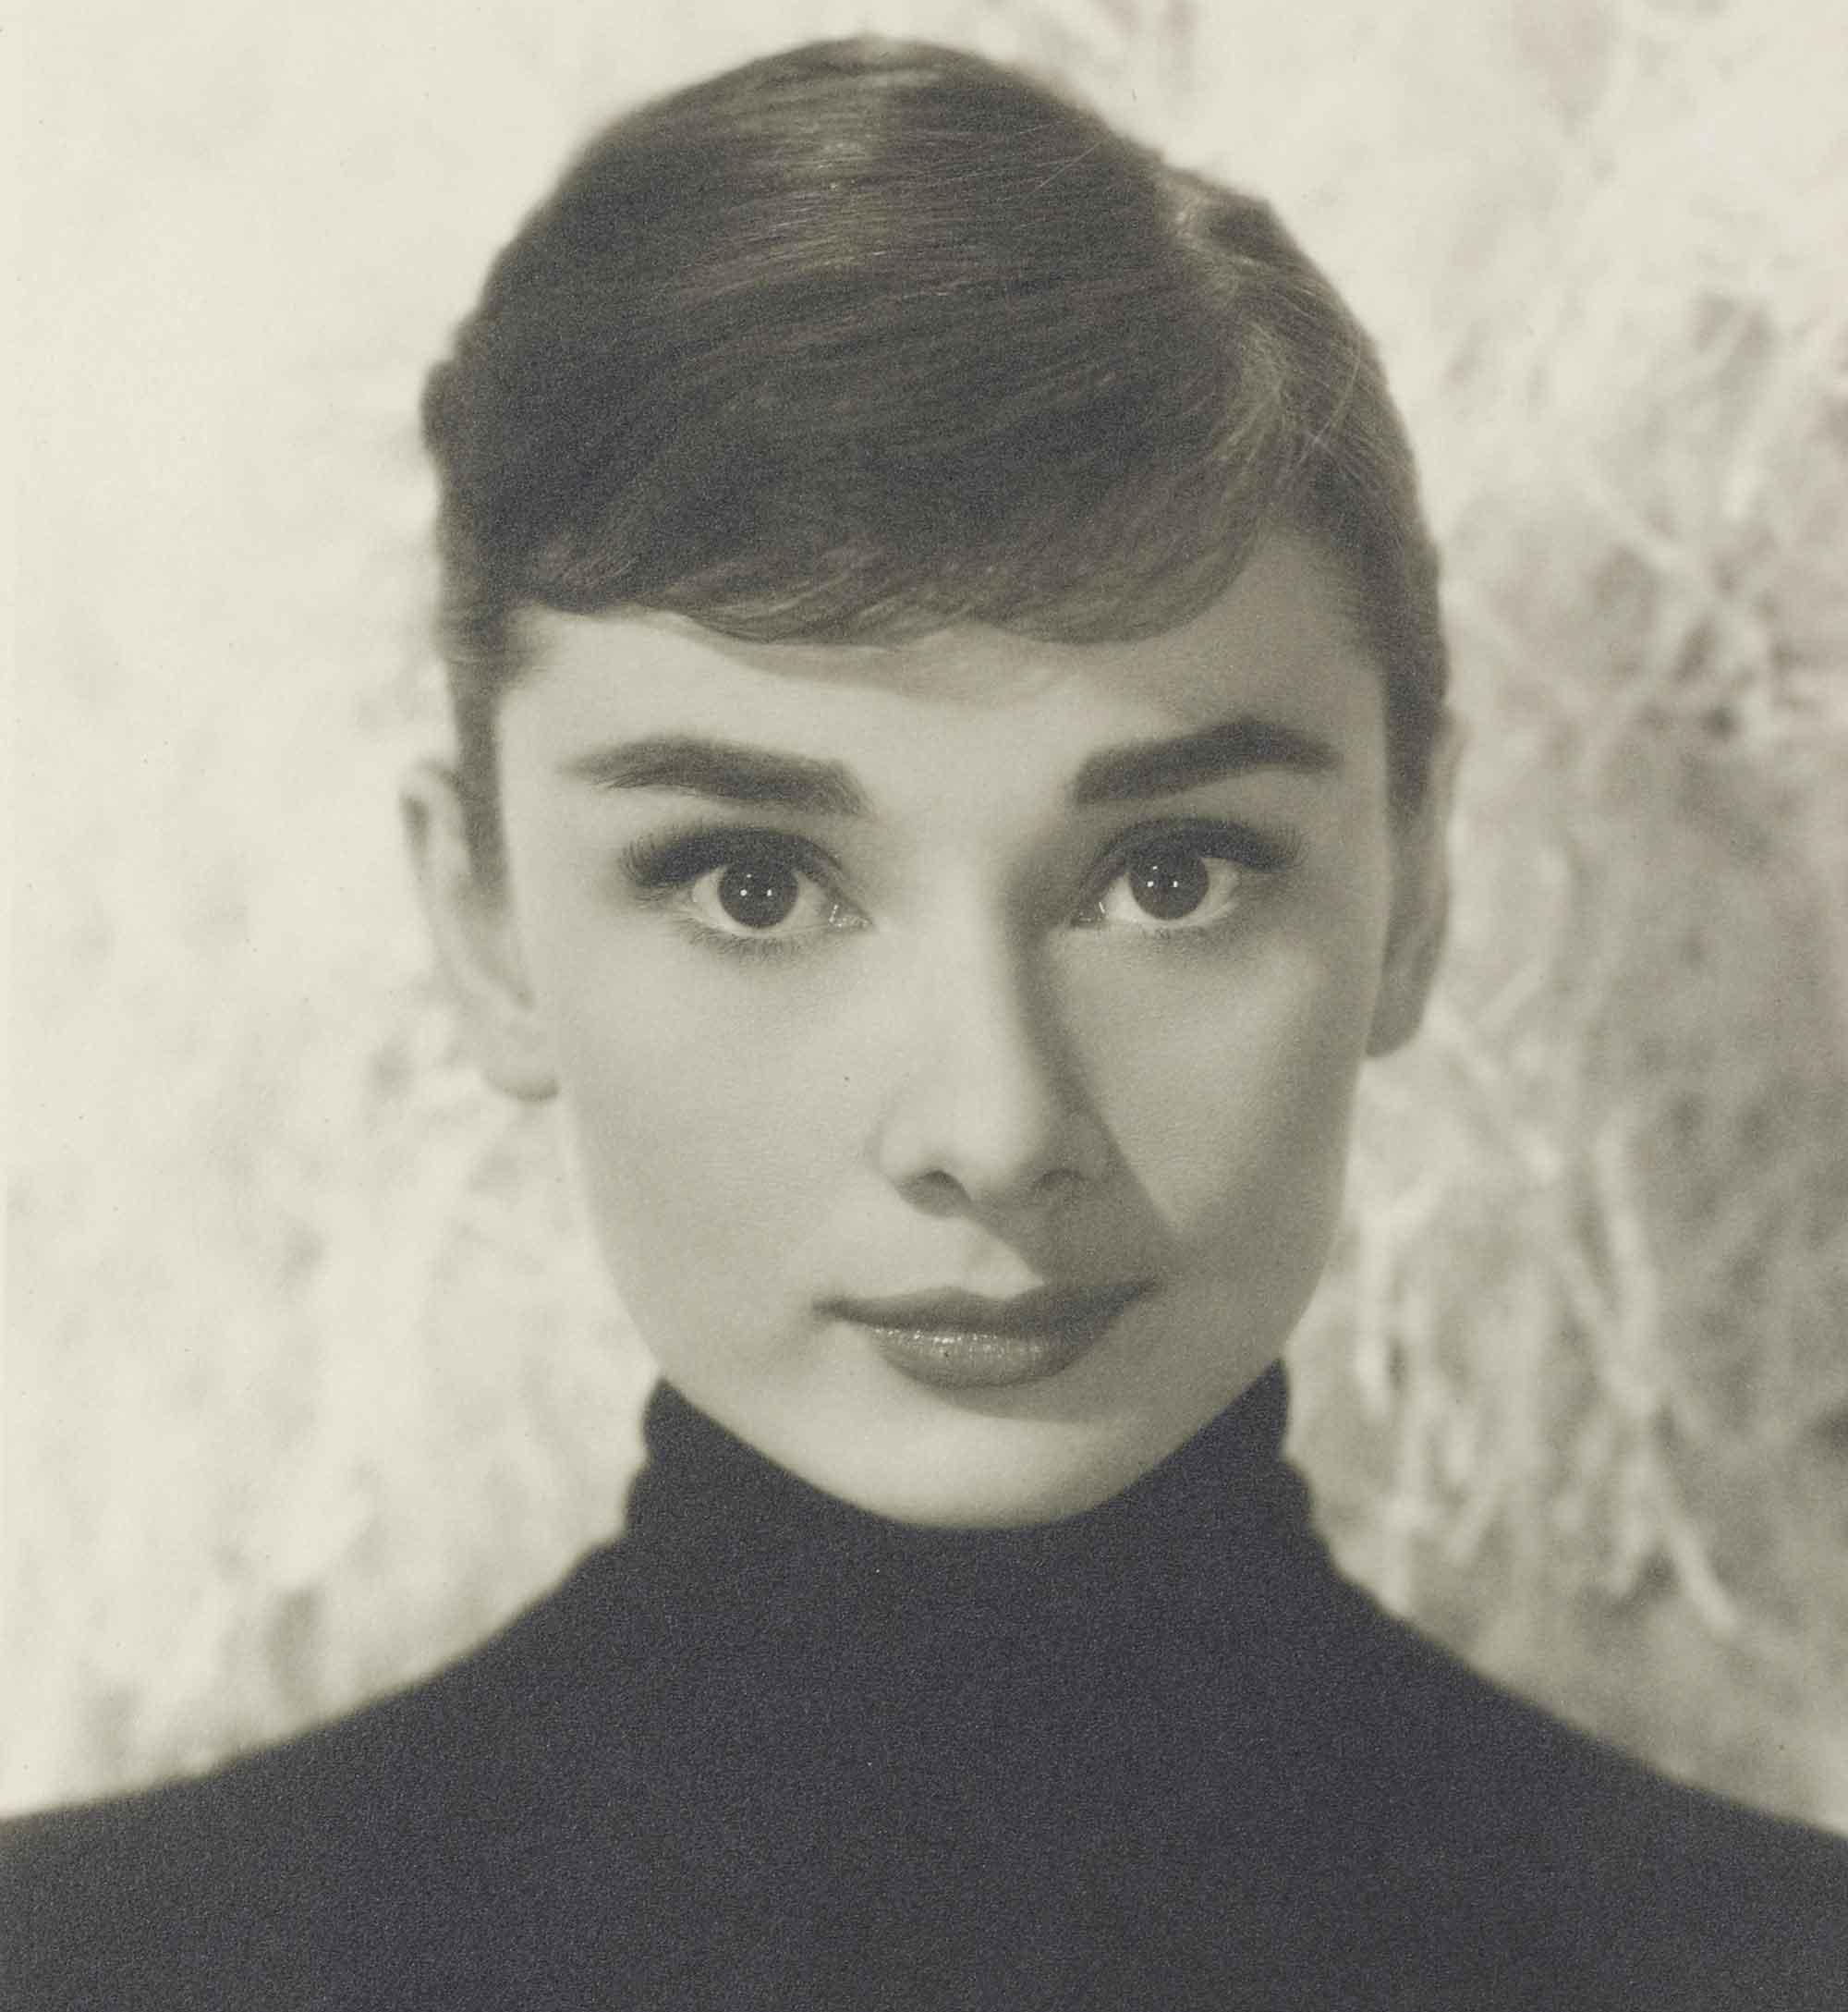 <b>FUNNY FACE, 1957</br>BUD FRAKER (1916-2002)</br><em>Audrey Hepburn</em></b></br> gelatin silver print</br> stamped photographer's Paramount studio credit (verso)</br> 13 ½ x 10 ¼ in. (34.2 x 26 cm.)</br> Estimate: £1,000-2,000